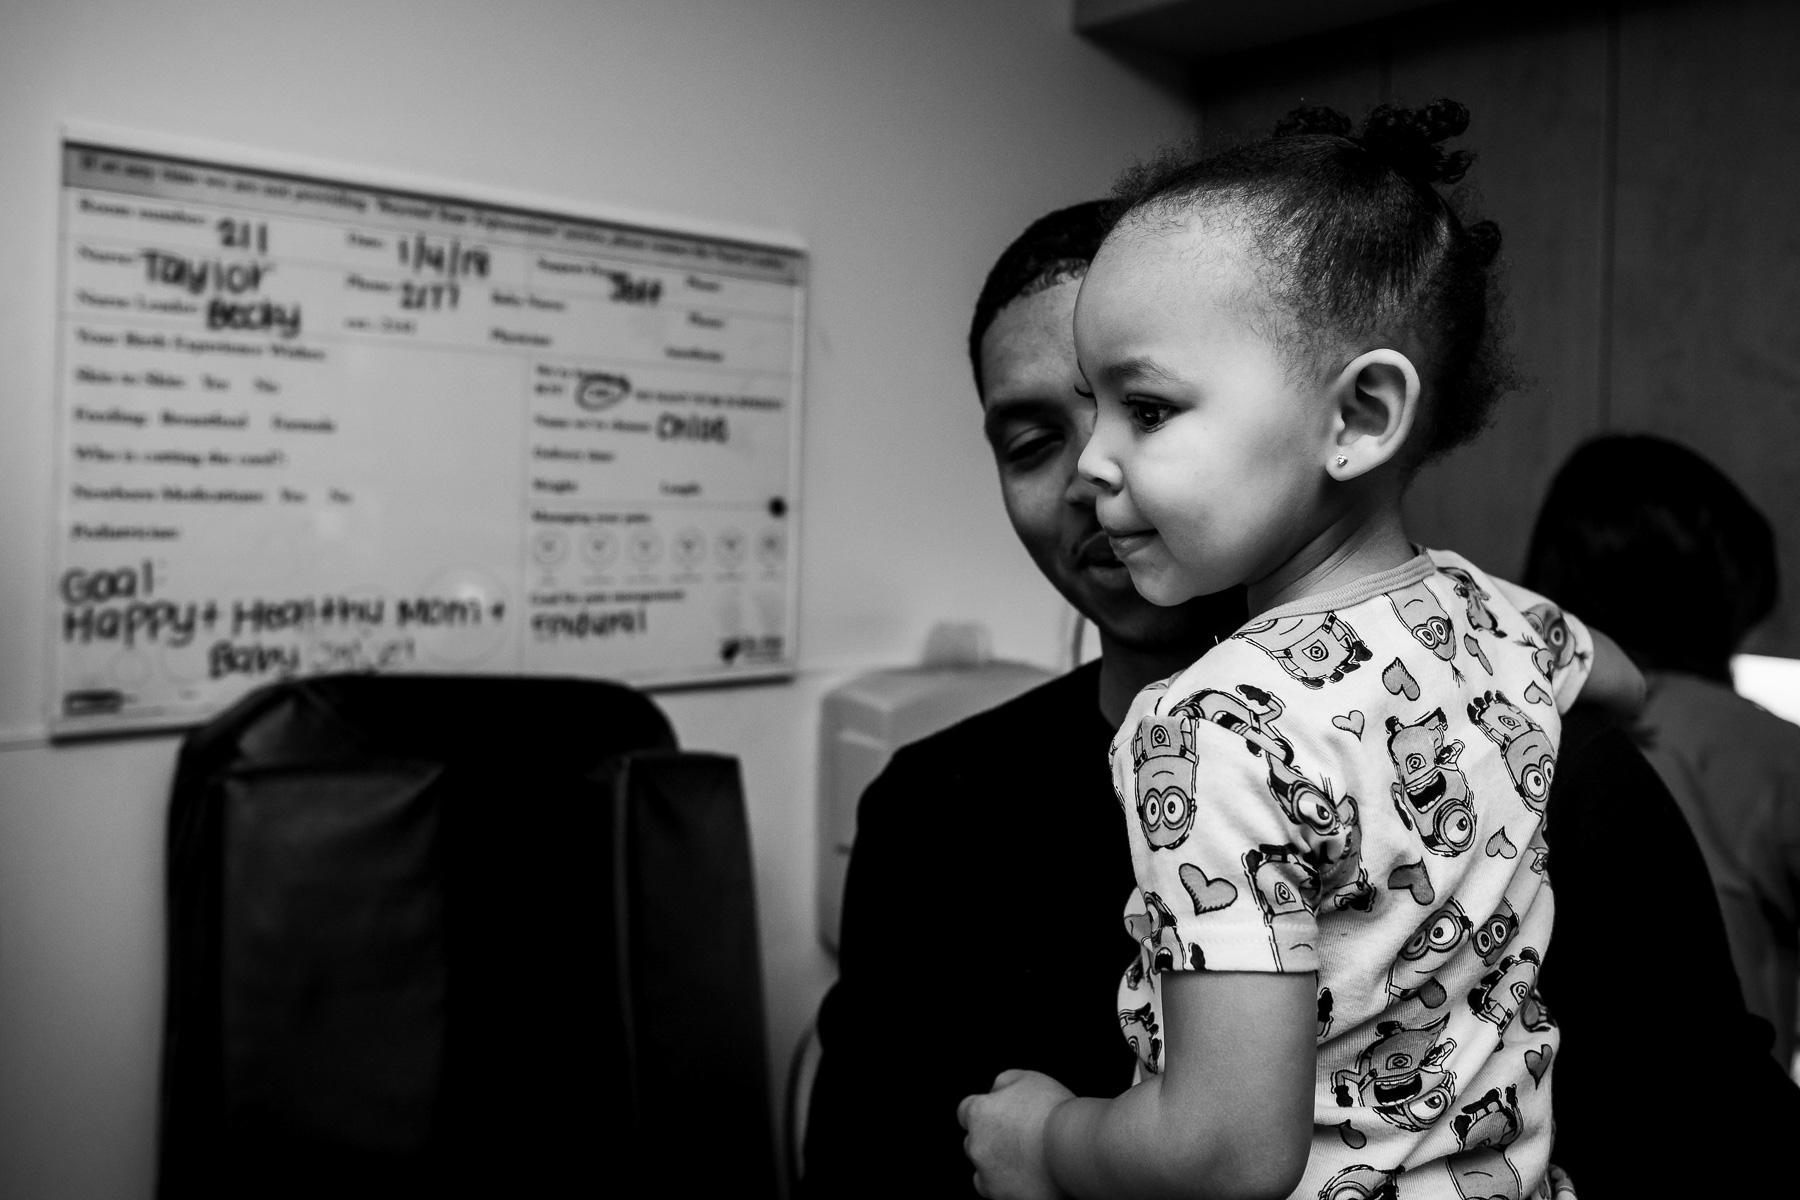 big-sister-watches-newborn-exam